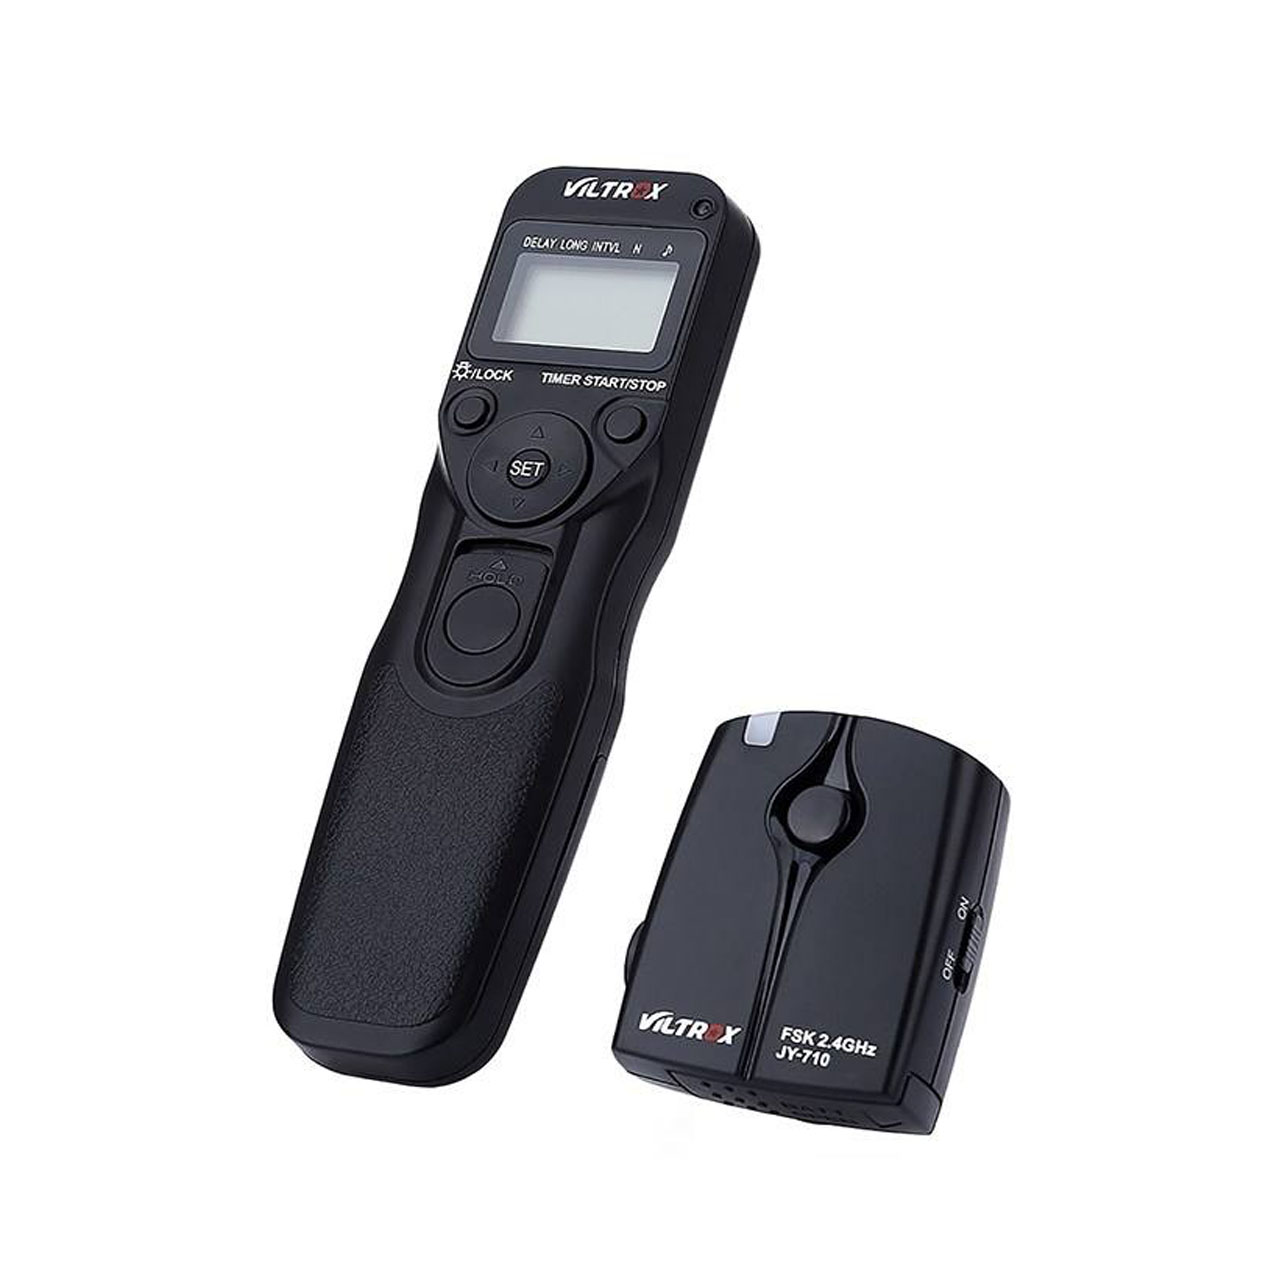 ریموت کنترل بی سیم دوربین ویلتروکس مدل JY-710 C 1 مناسب برای دوربین های کانن